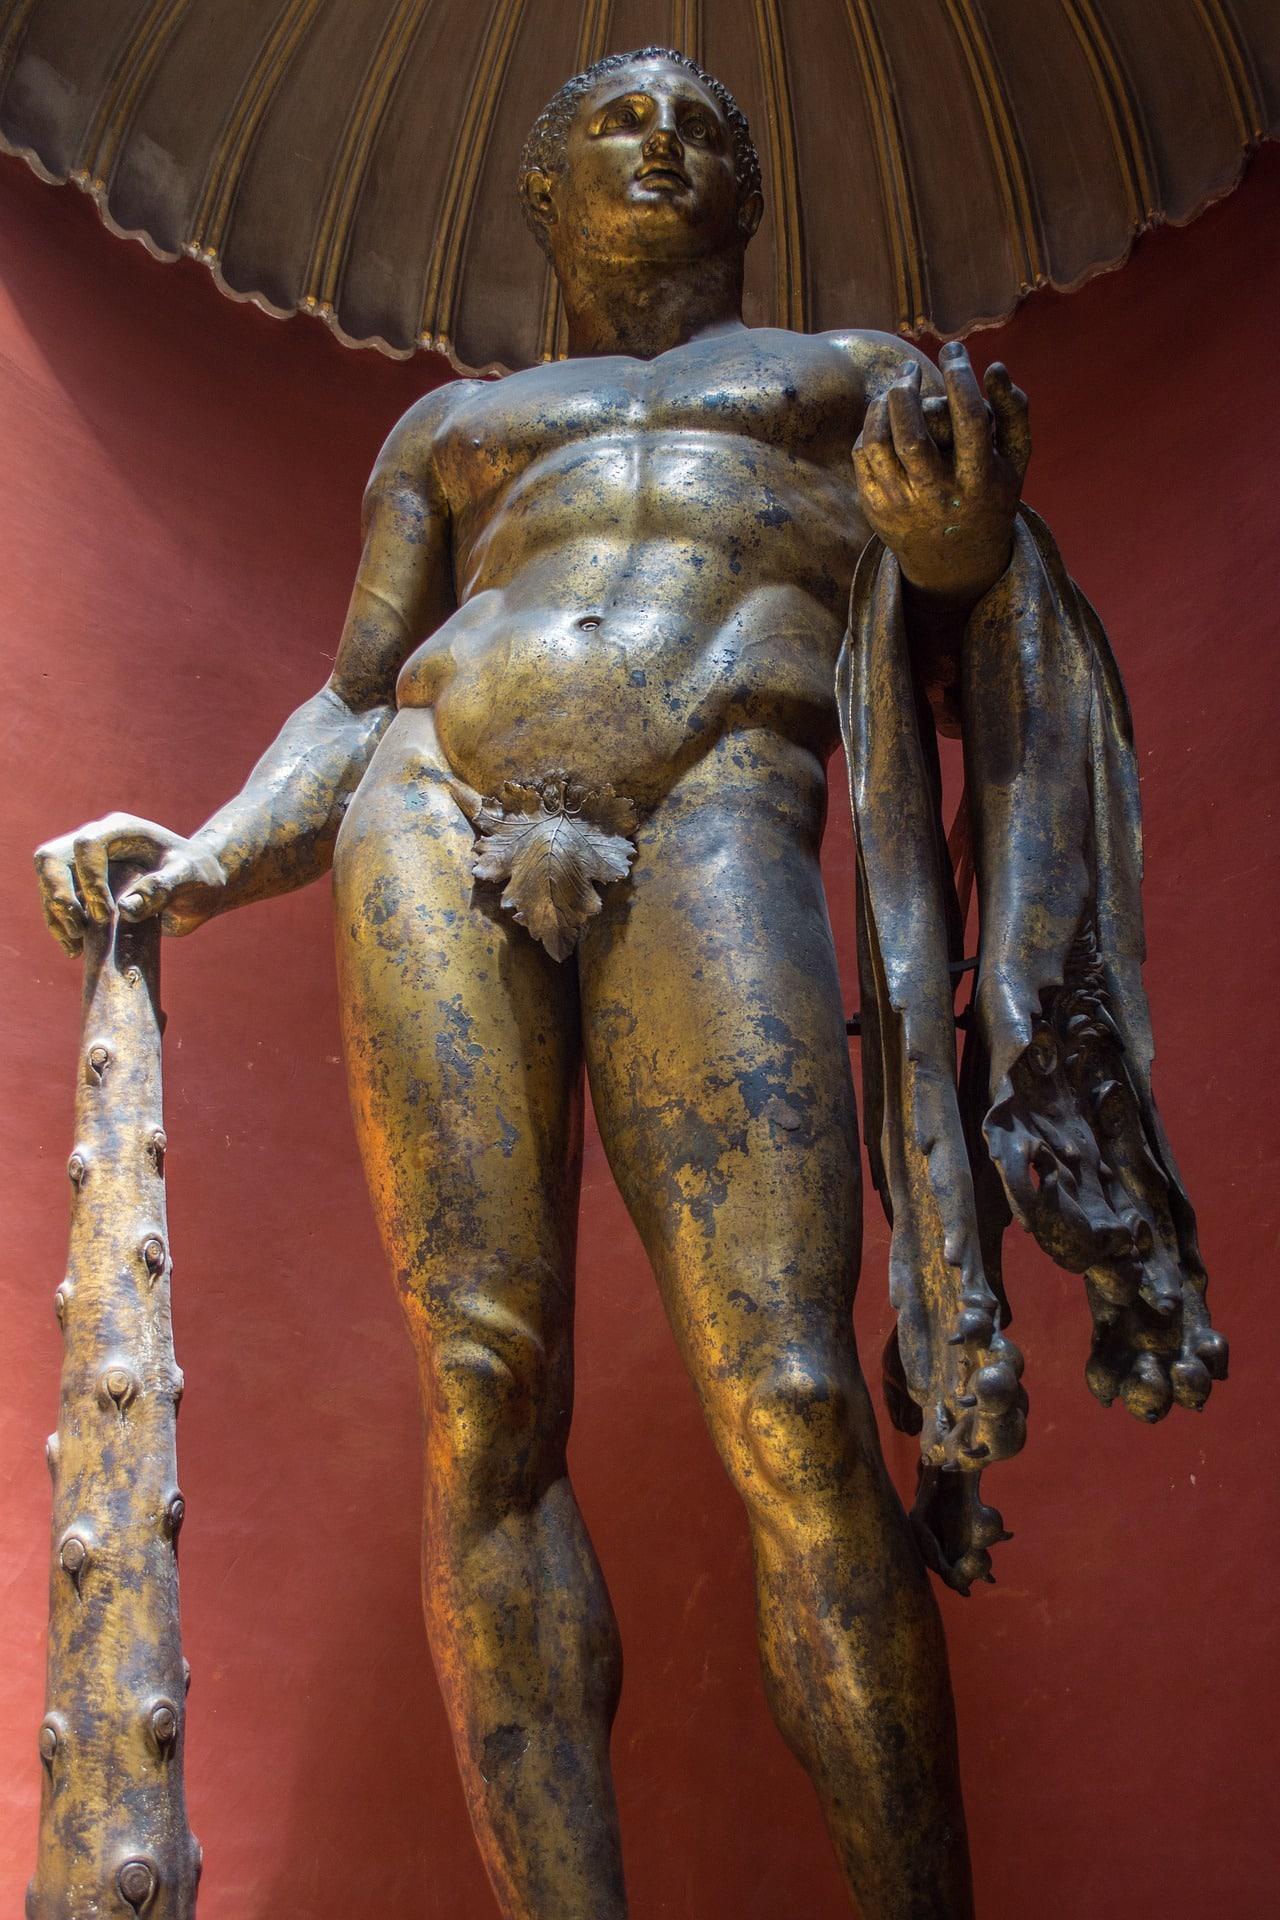 Sala Rotunda'da yer alan dev Herkül heykeli - Pio Clementino Müzesi